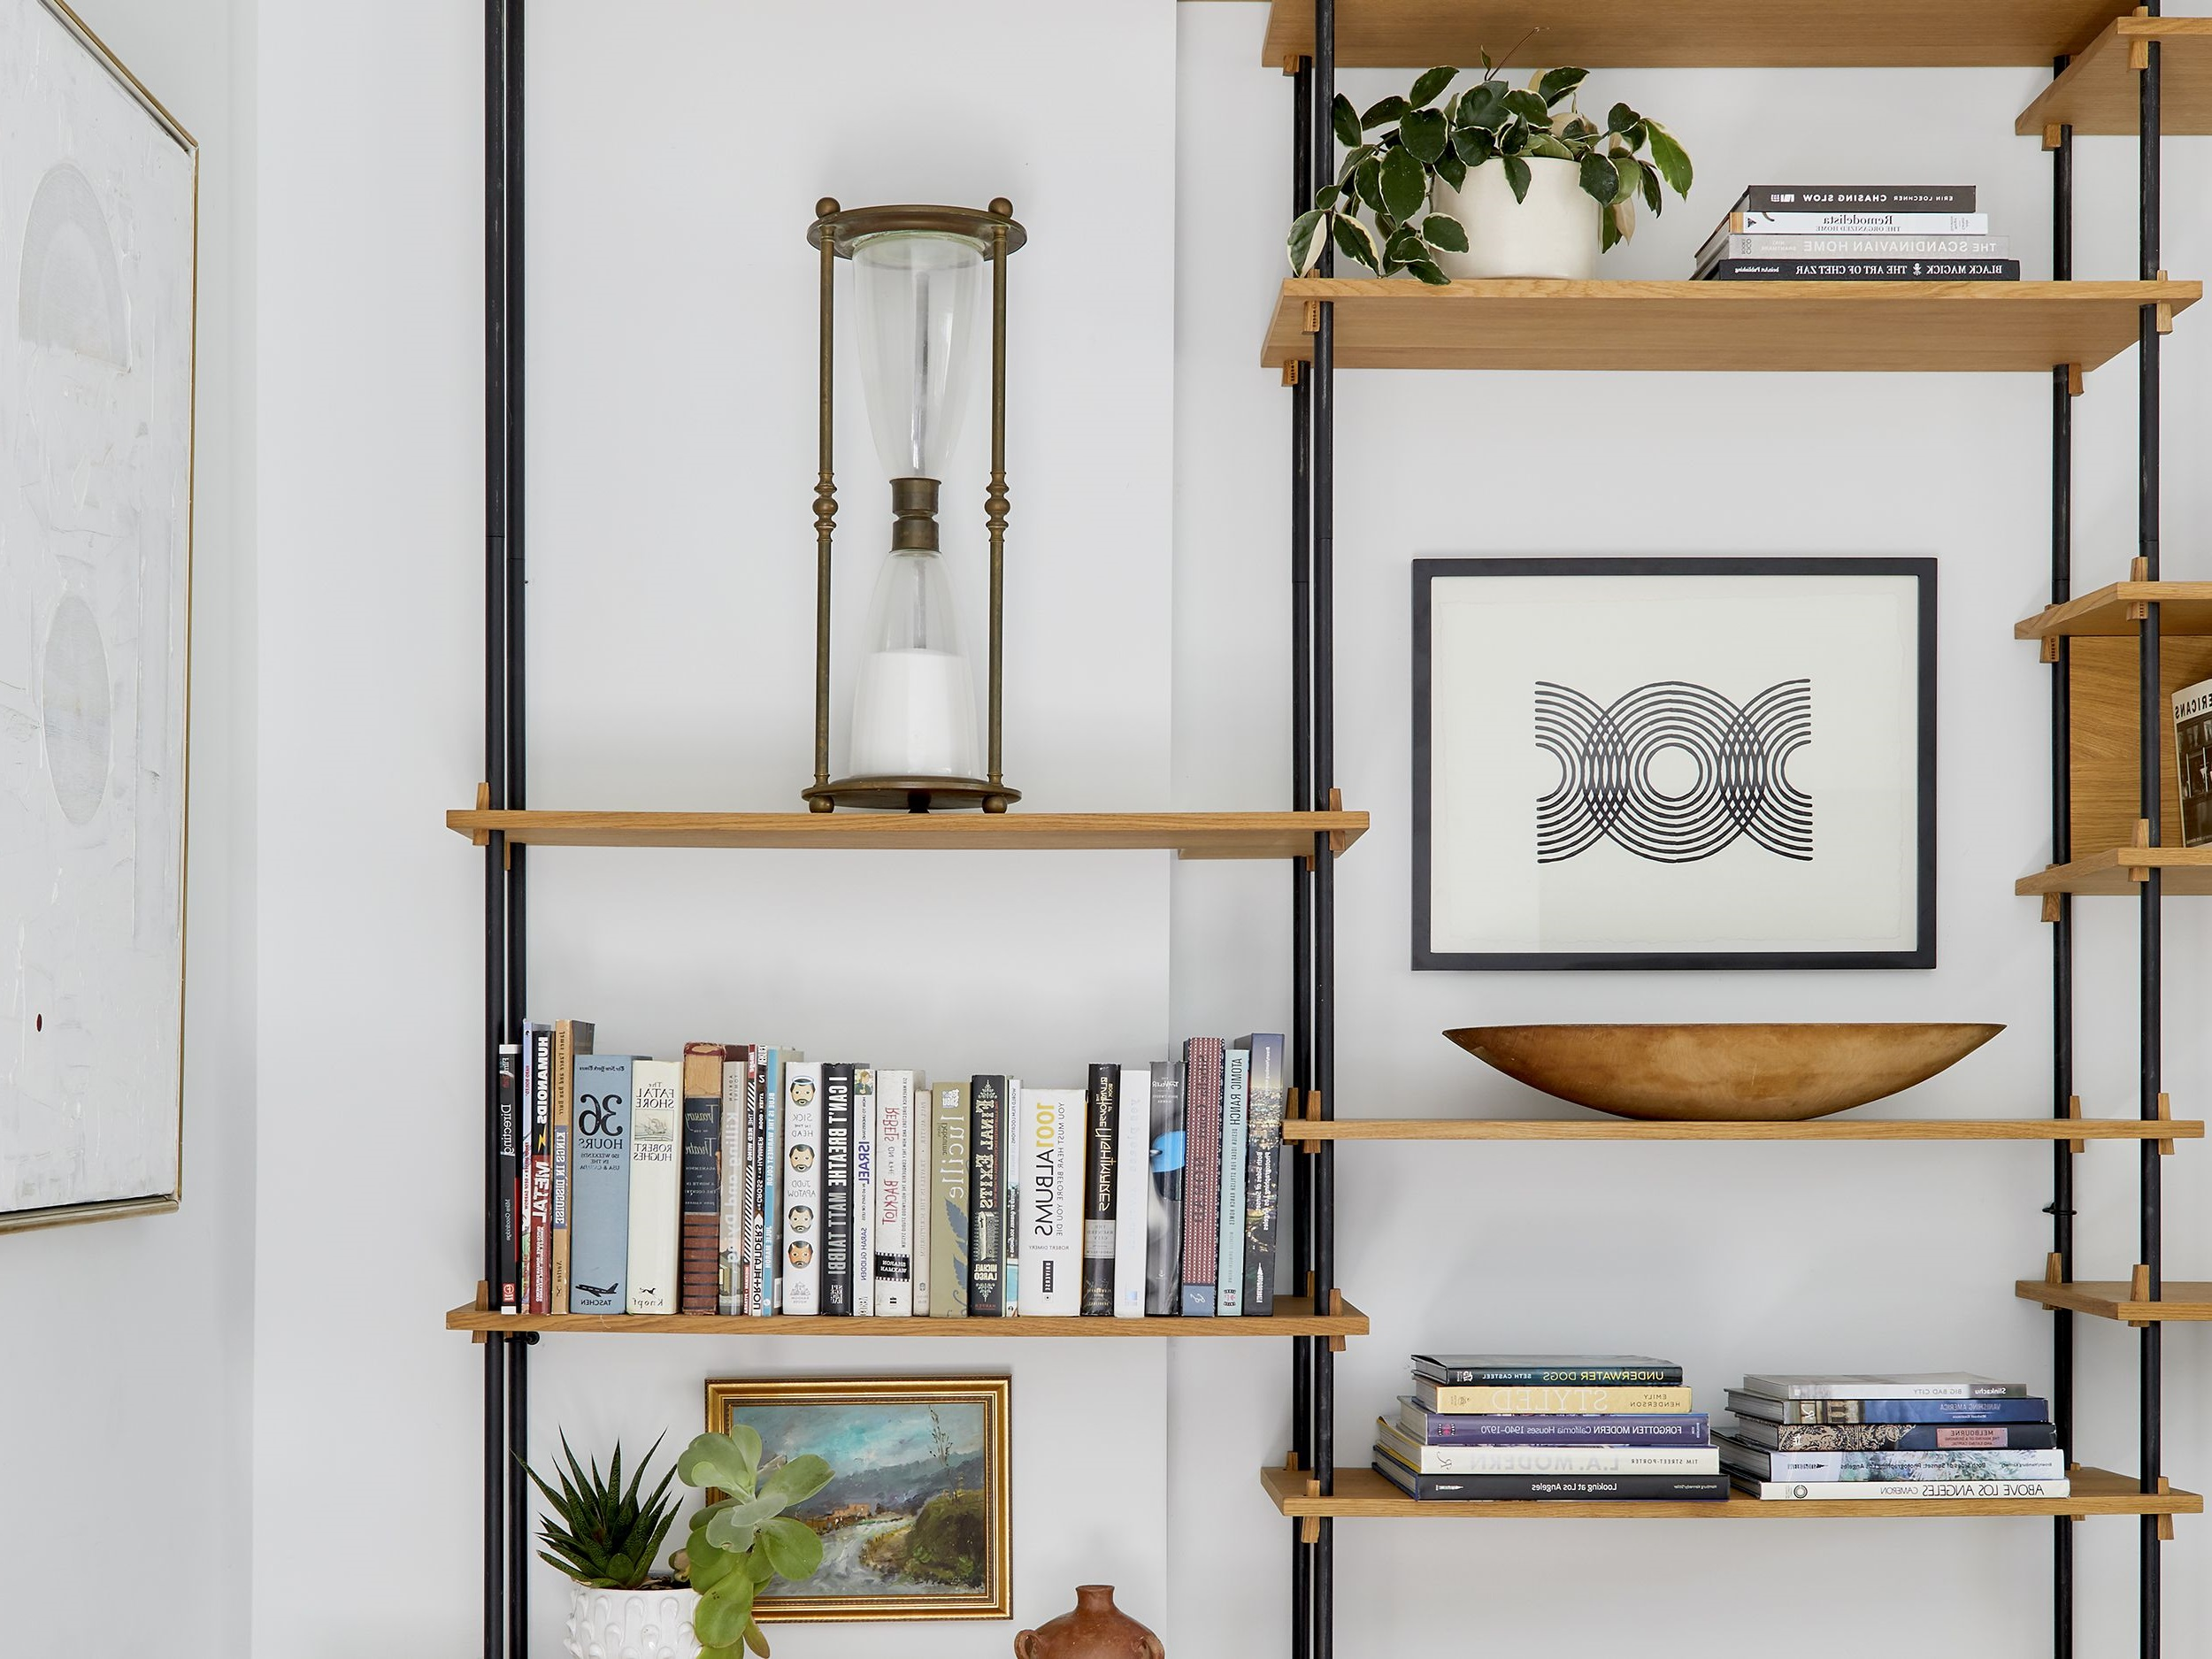 Un parfait exemple qui combine plusieurs éléments décoratifs sur l'étagère.